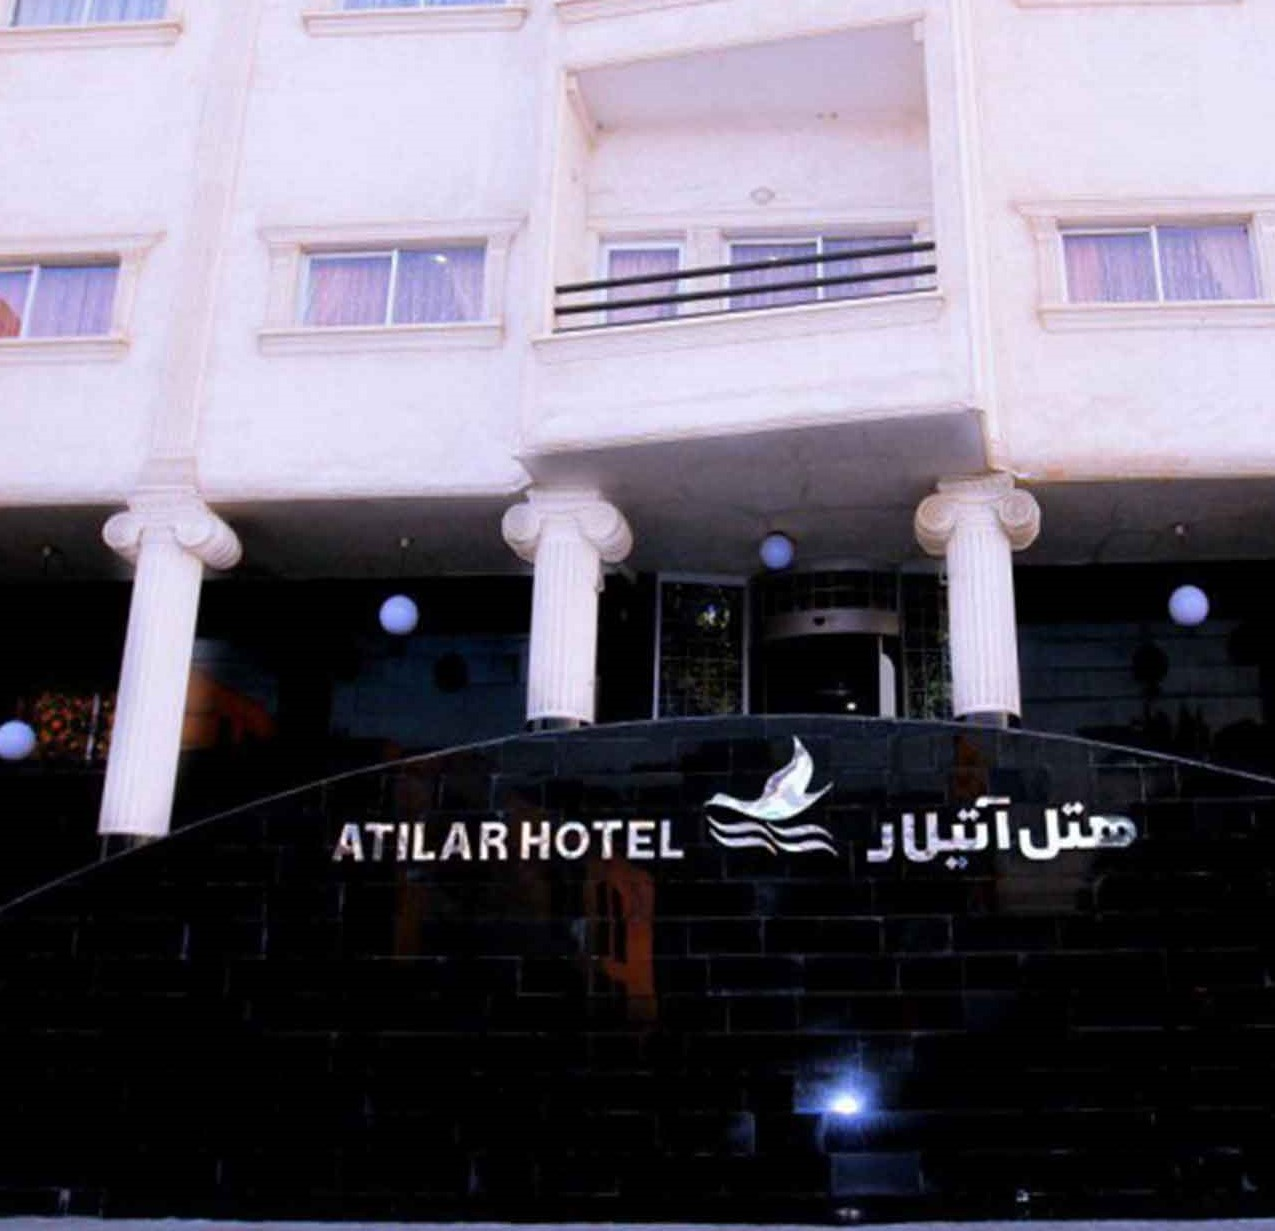 Atilar Hotel